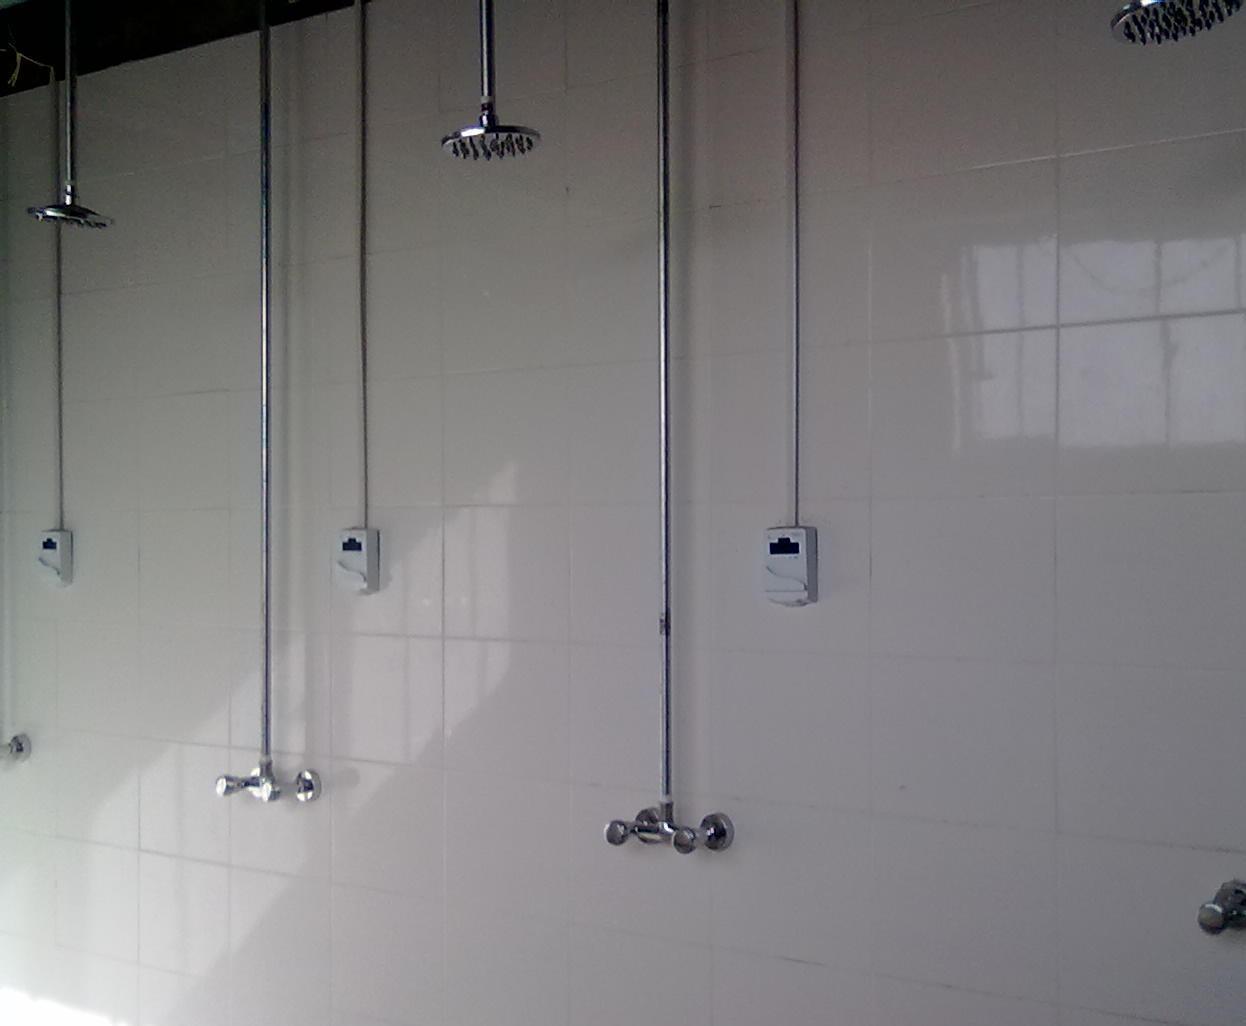 浴室熱水節能設備,智能節水刷卡系統,浴室智能卡管理系統 3